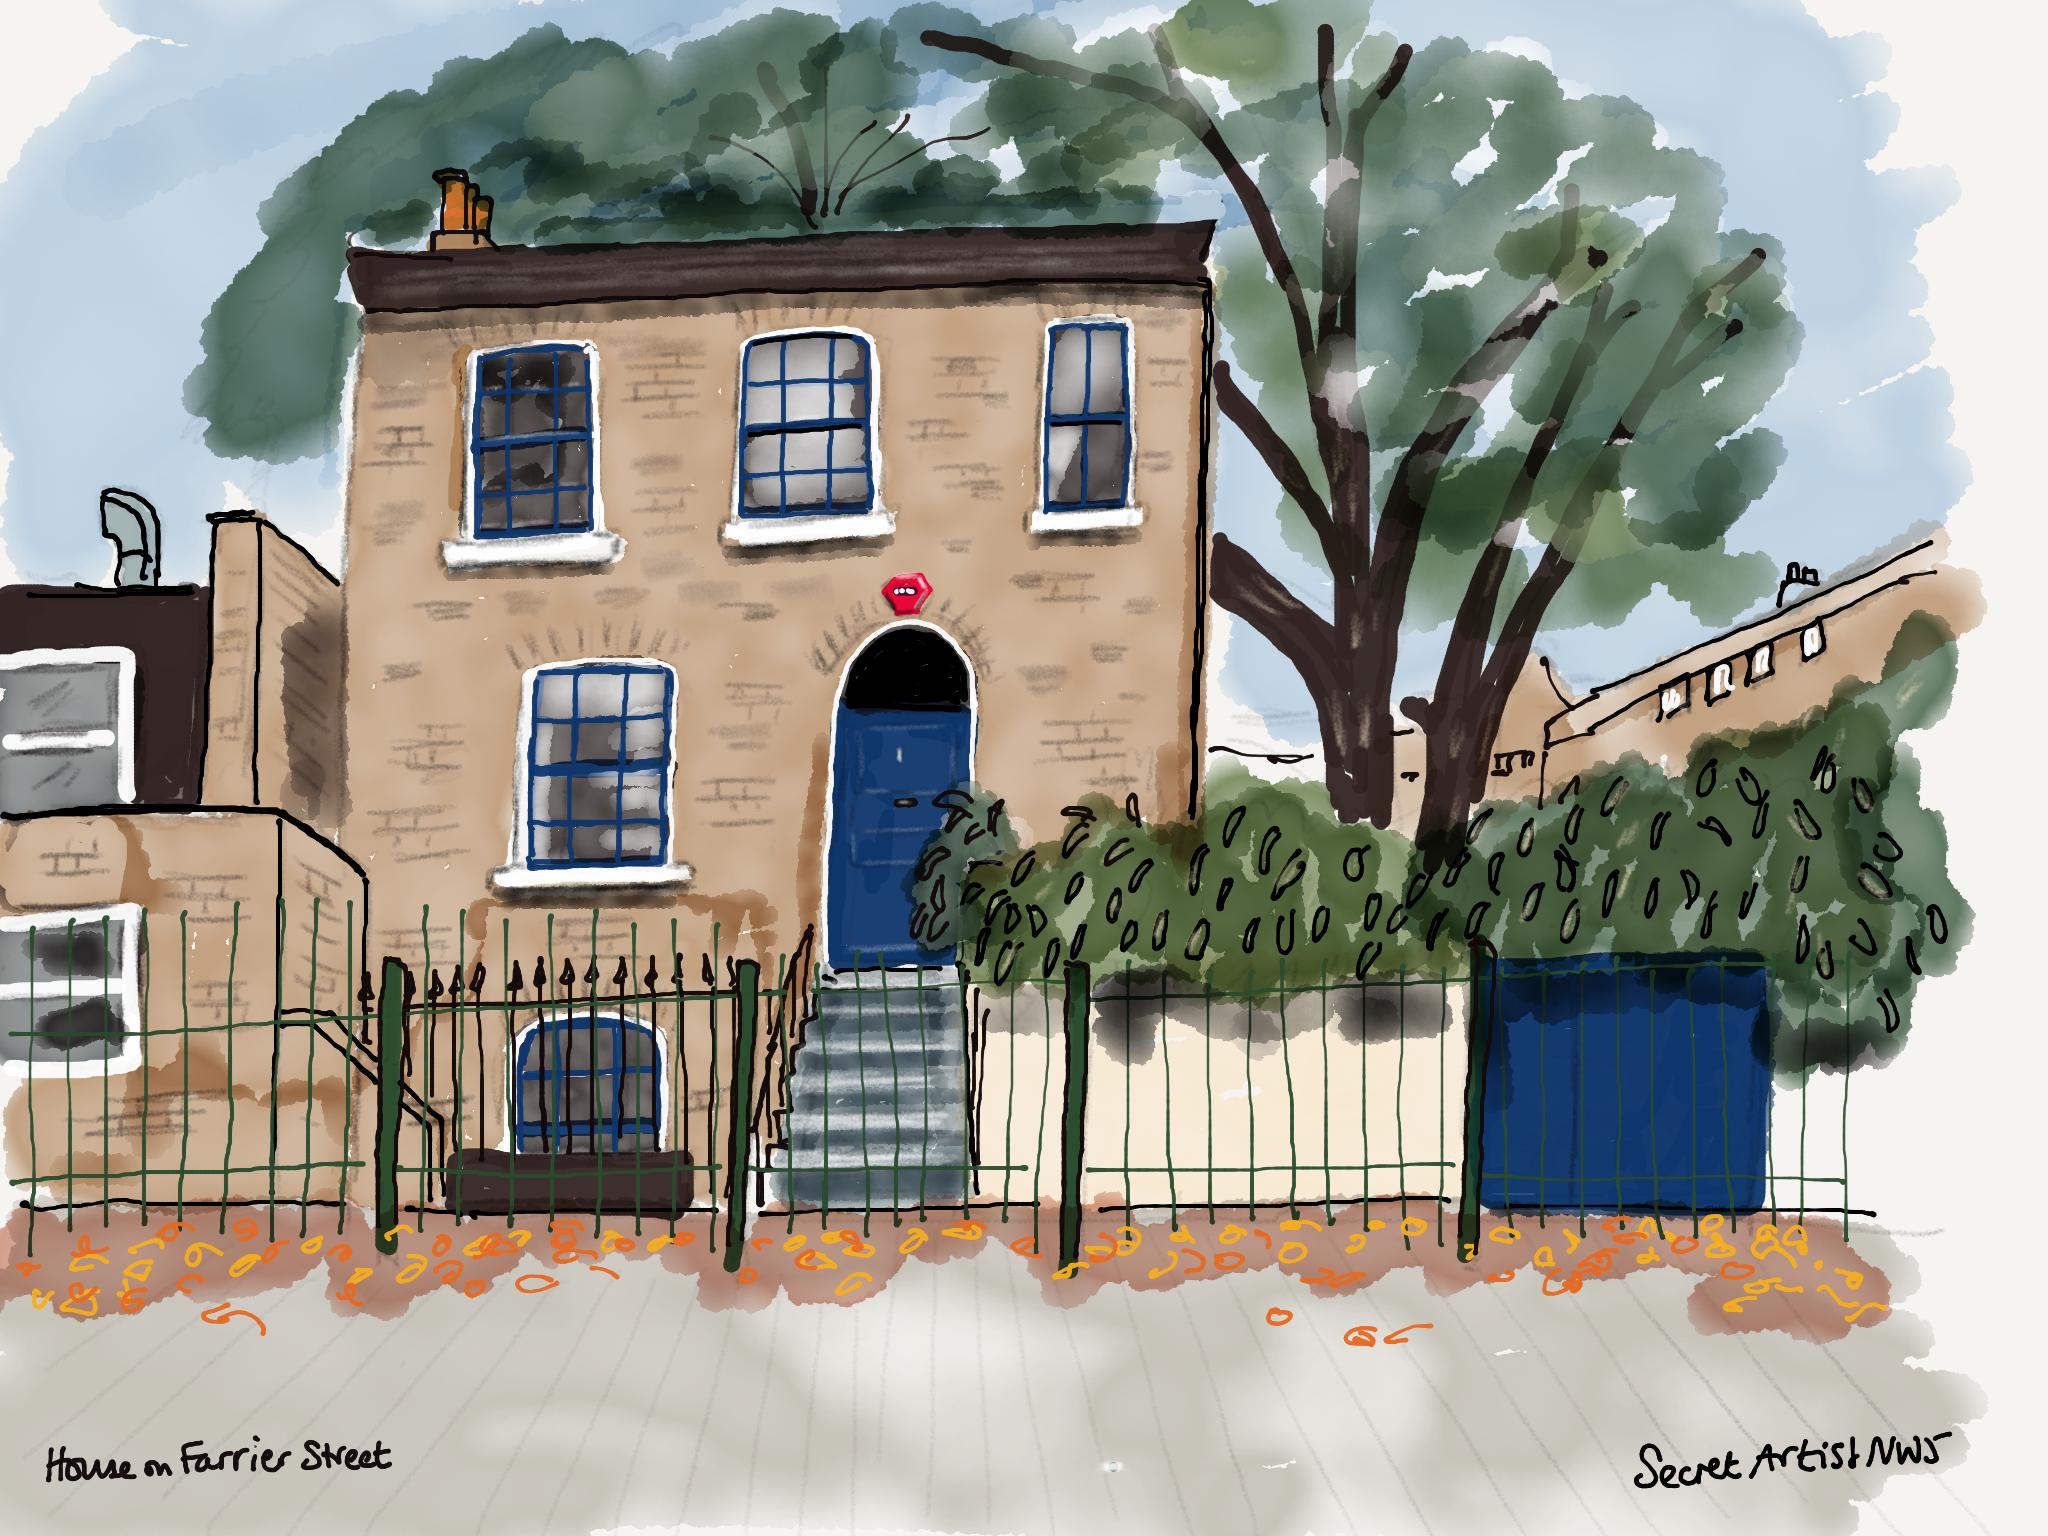 Farrier Street house